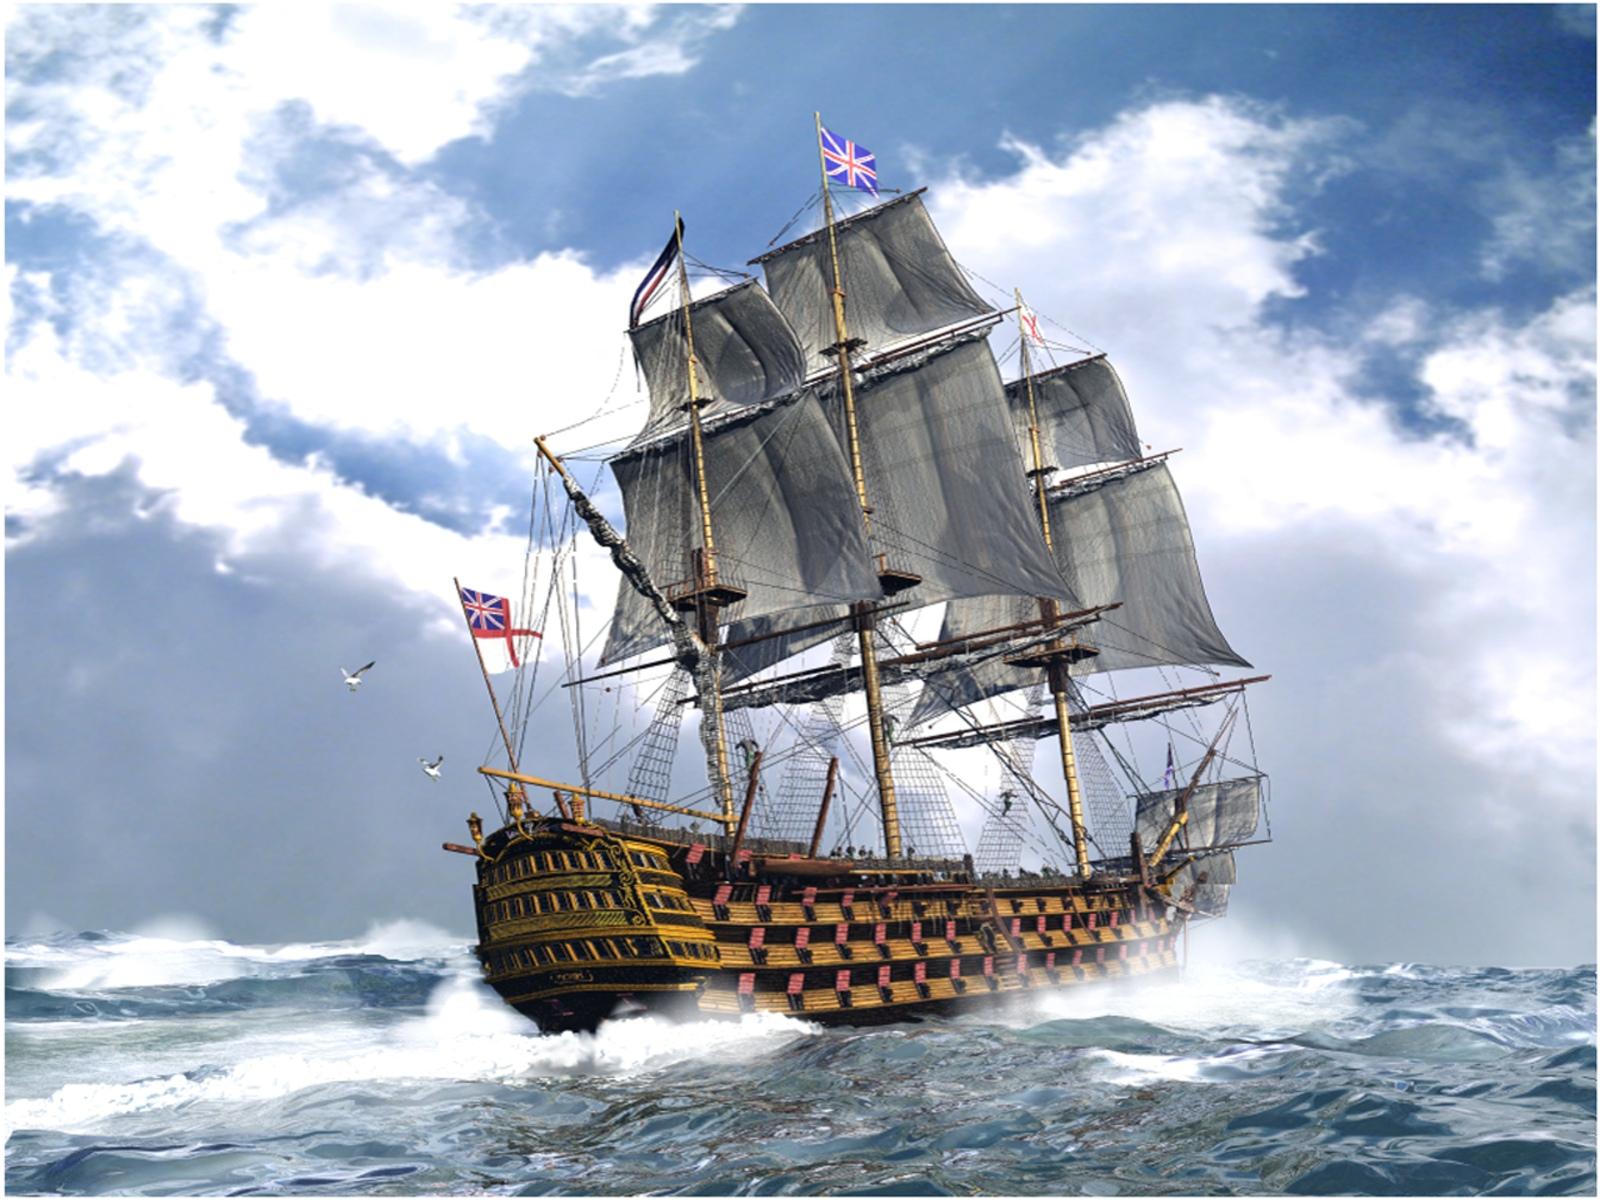 http://4.bp.blogspot.com/_hbCSFFt9eB8/TNFrgj9VxHI/AAAAAAAAAt4/NdmJjrEpkhU/s1600/3D+Sailing+Ship+%289%29.jpg